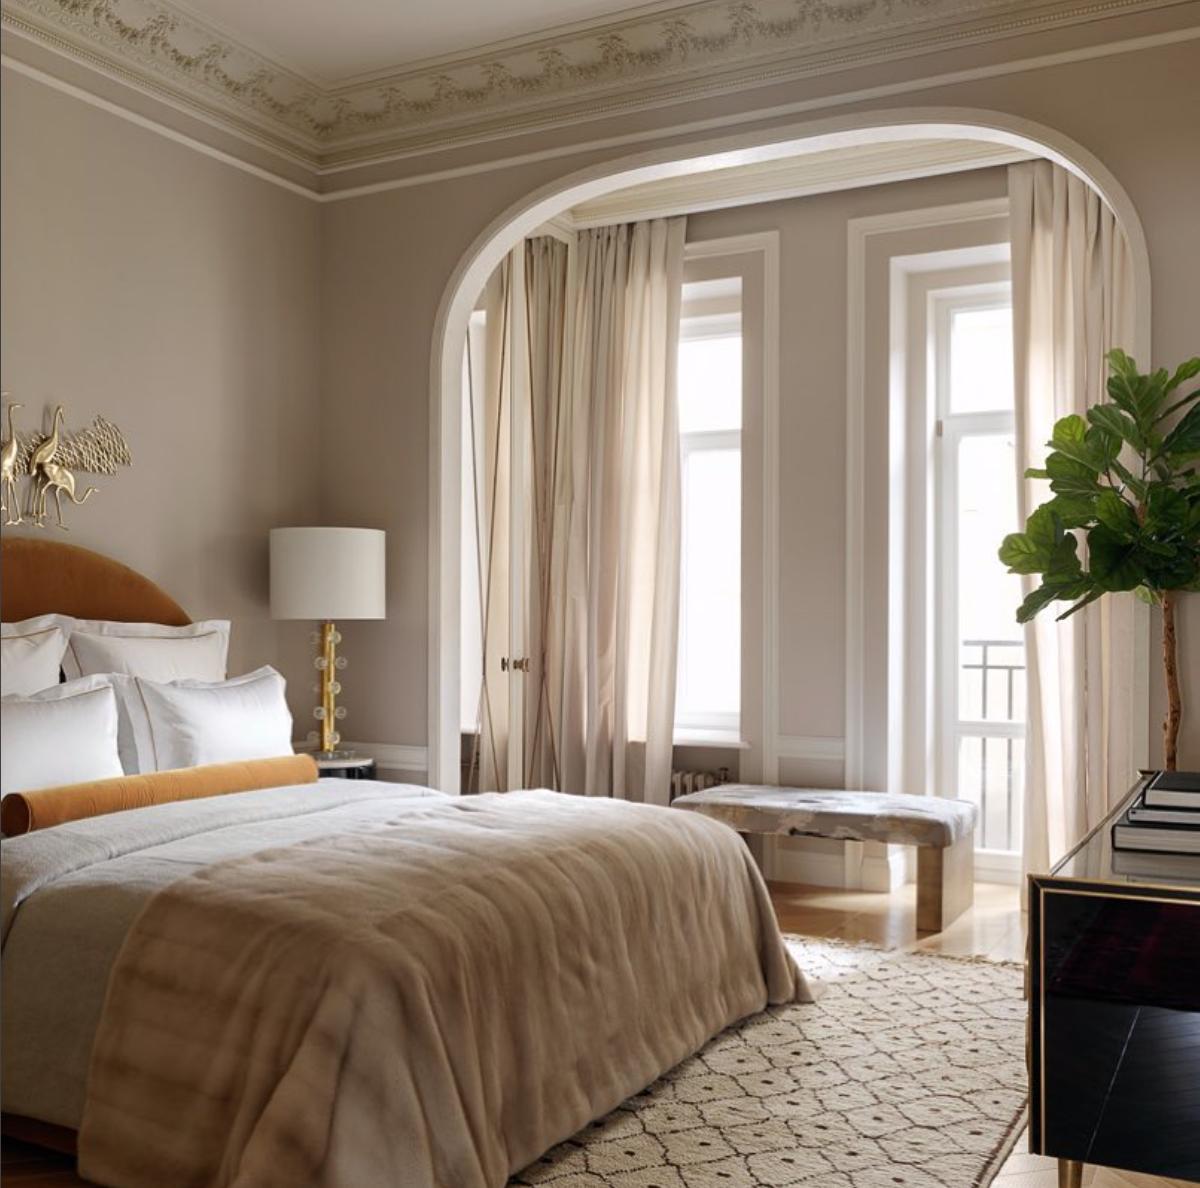 Bedroomdecor Bedroomgoals Bedroom Bedroominspo Bedroomideas Bedroomdesign Bedr Luxury Bedroom Inspiration Contemporary Bedroom Design Beautiful Bedrooms